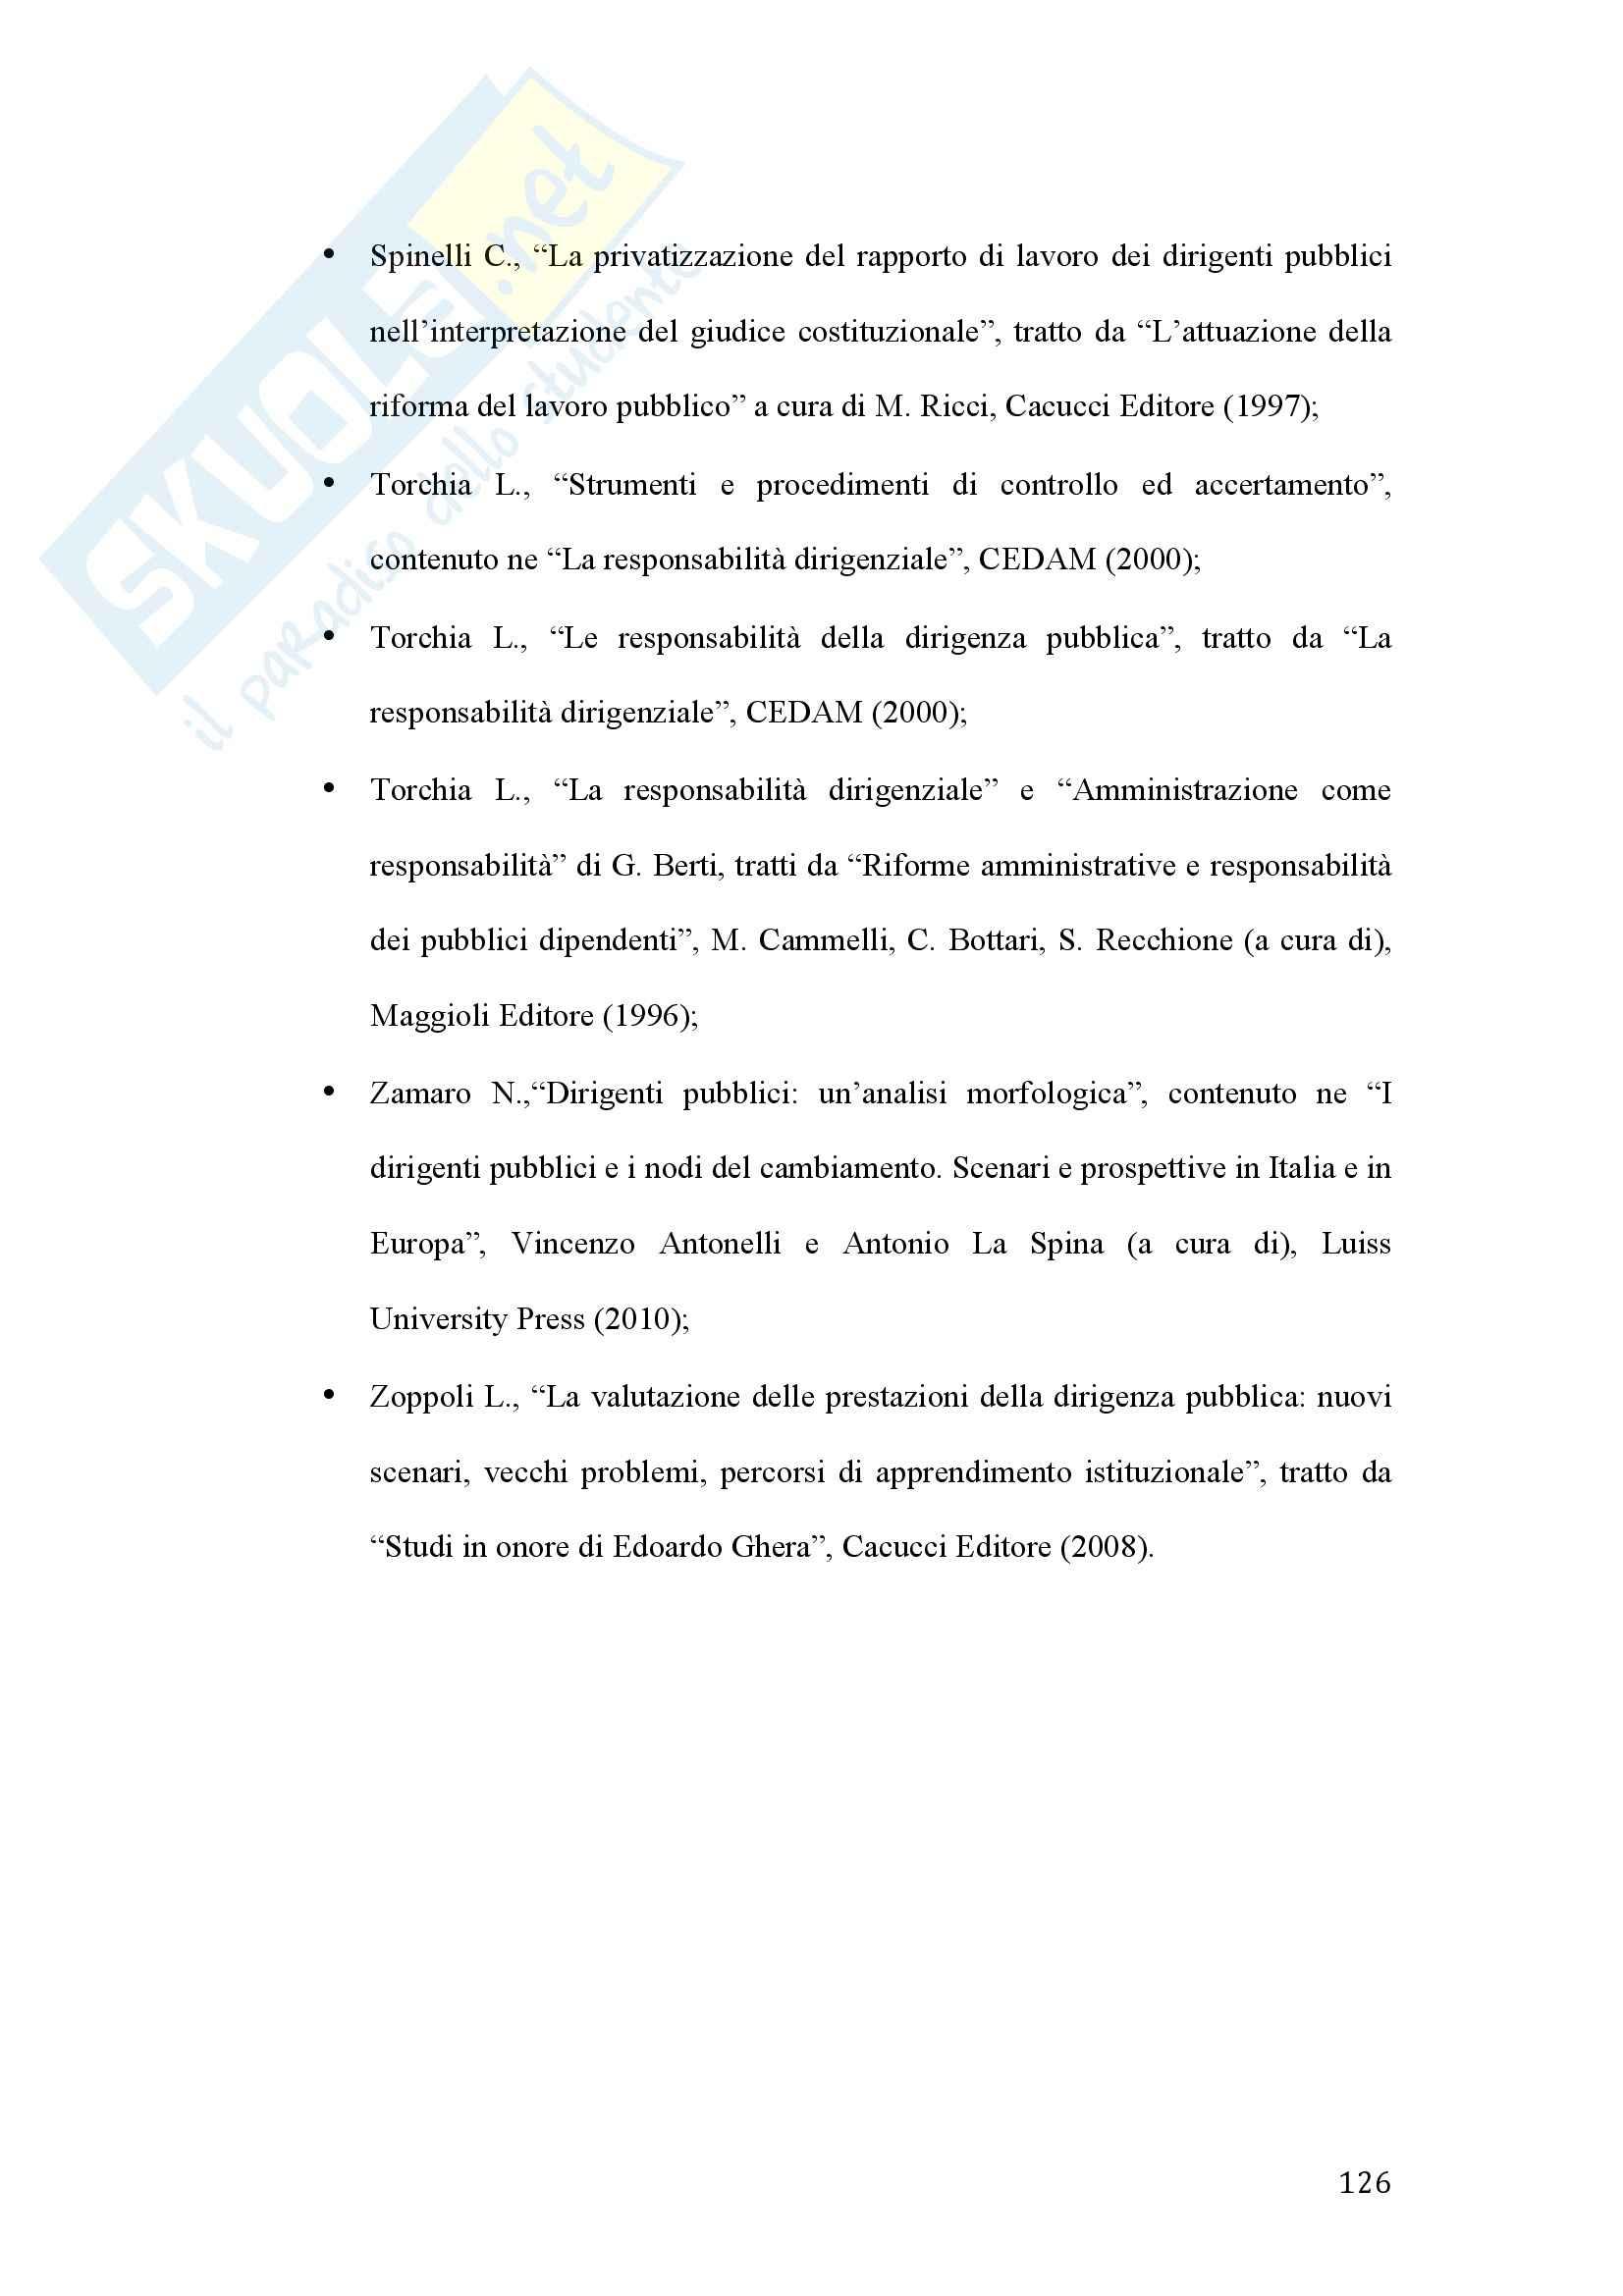 Tesi - La valutazione della dirigenza nelle pubbliche amministrazioni Pag. 126